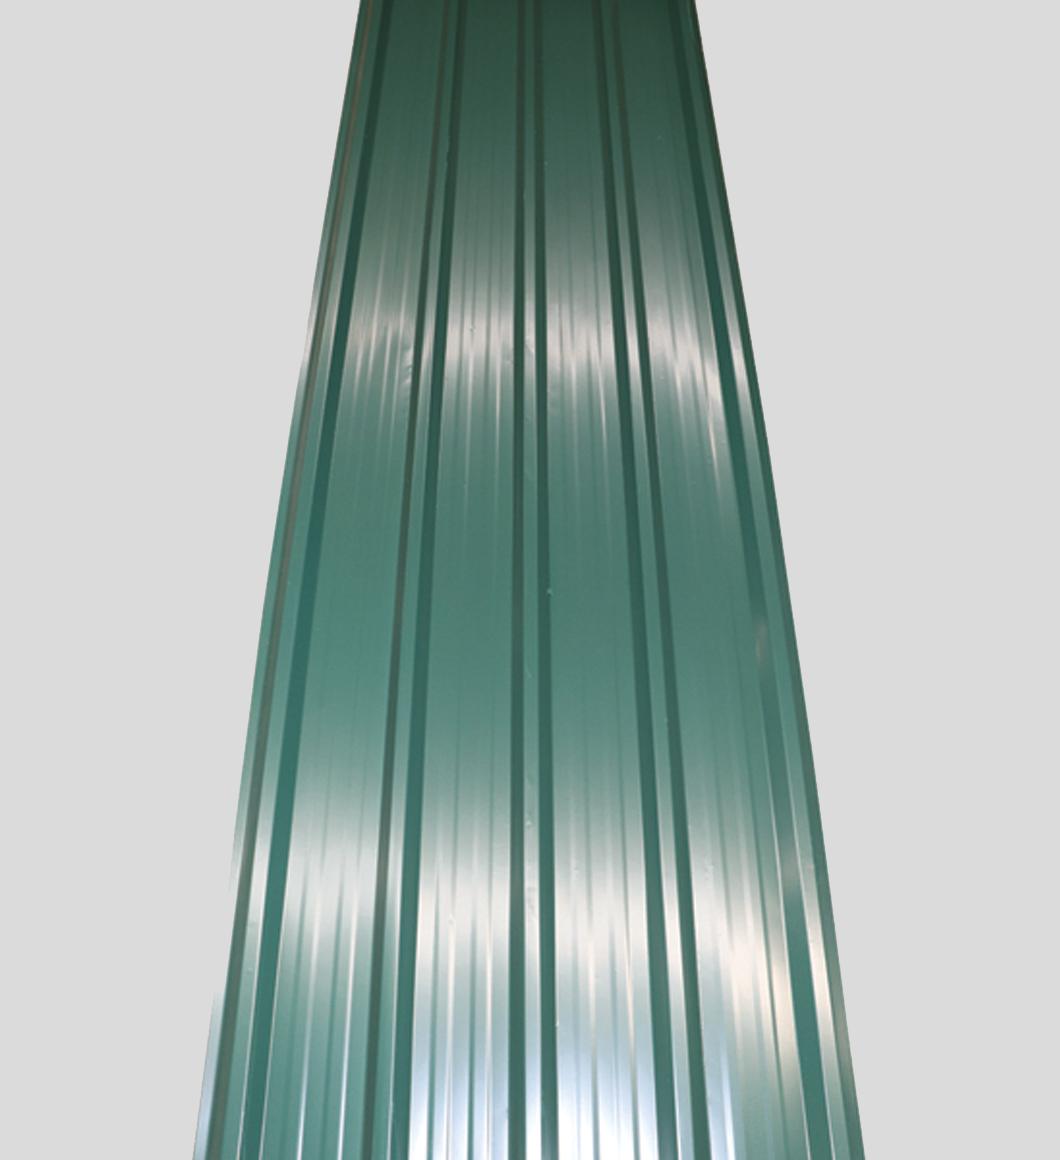 Bingwa Box Profile Glossy Finish, Gauge 30, 1M